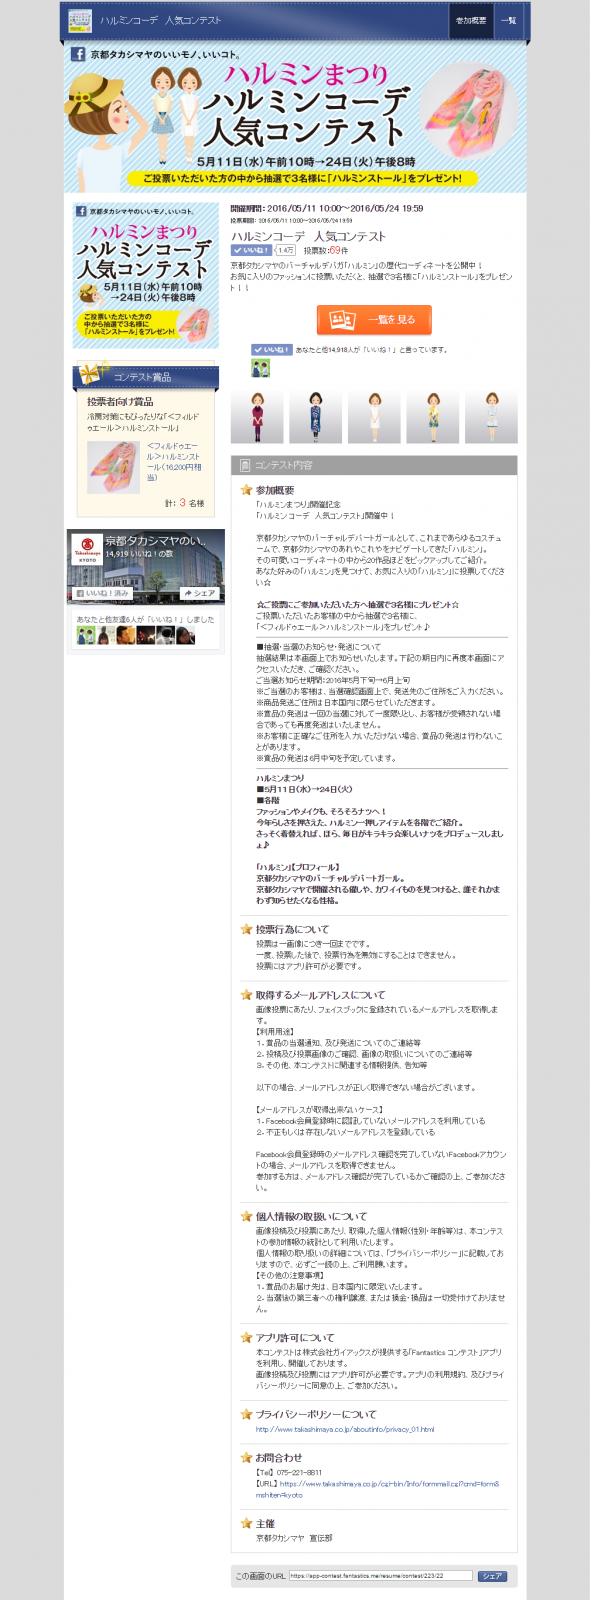 Fantastics 投票コンテスト(株式会社高島屋様)ハルミンコーデ 人気コンテスト